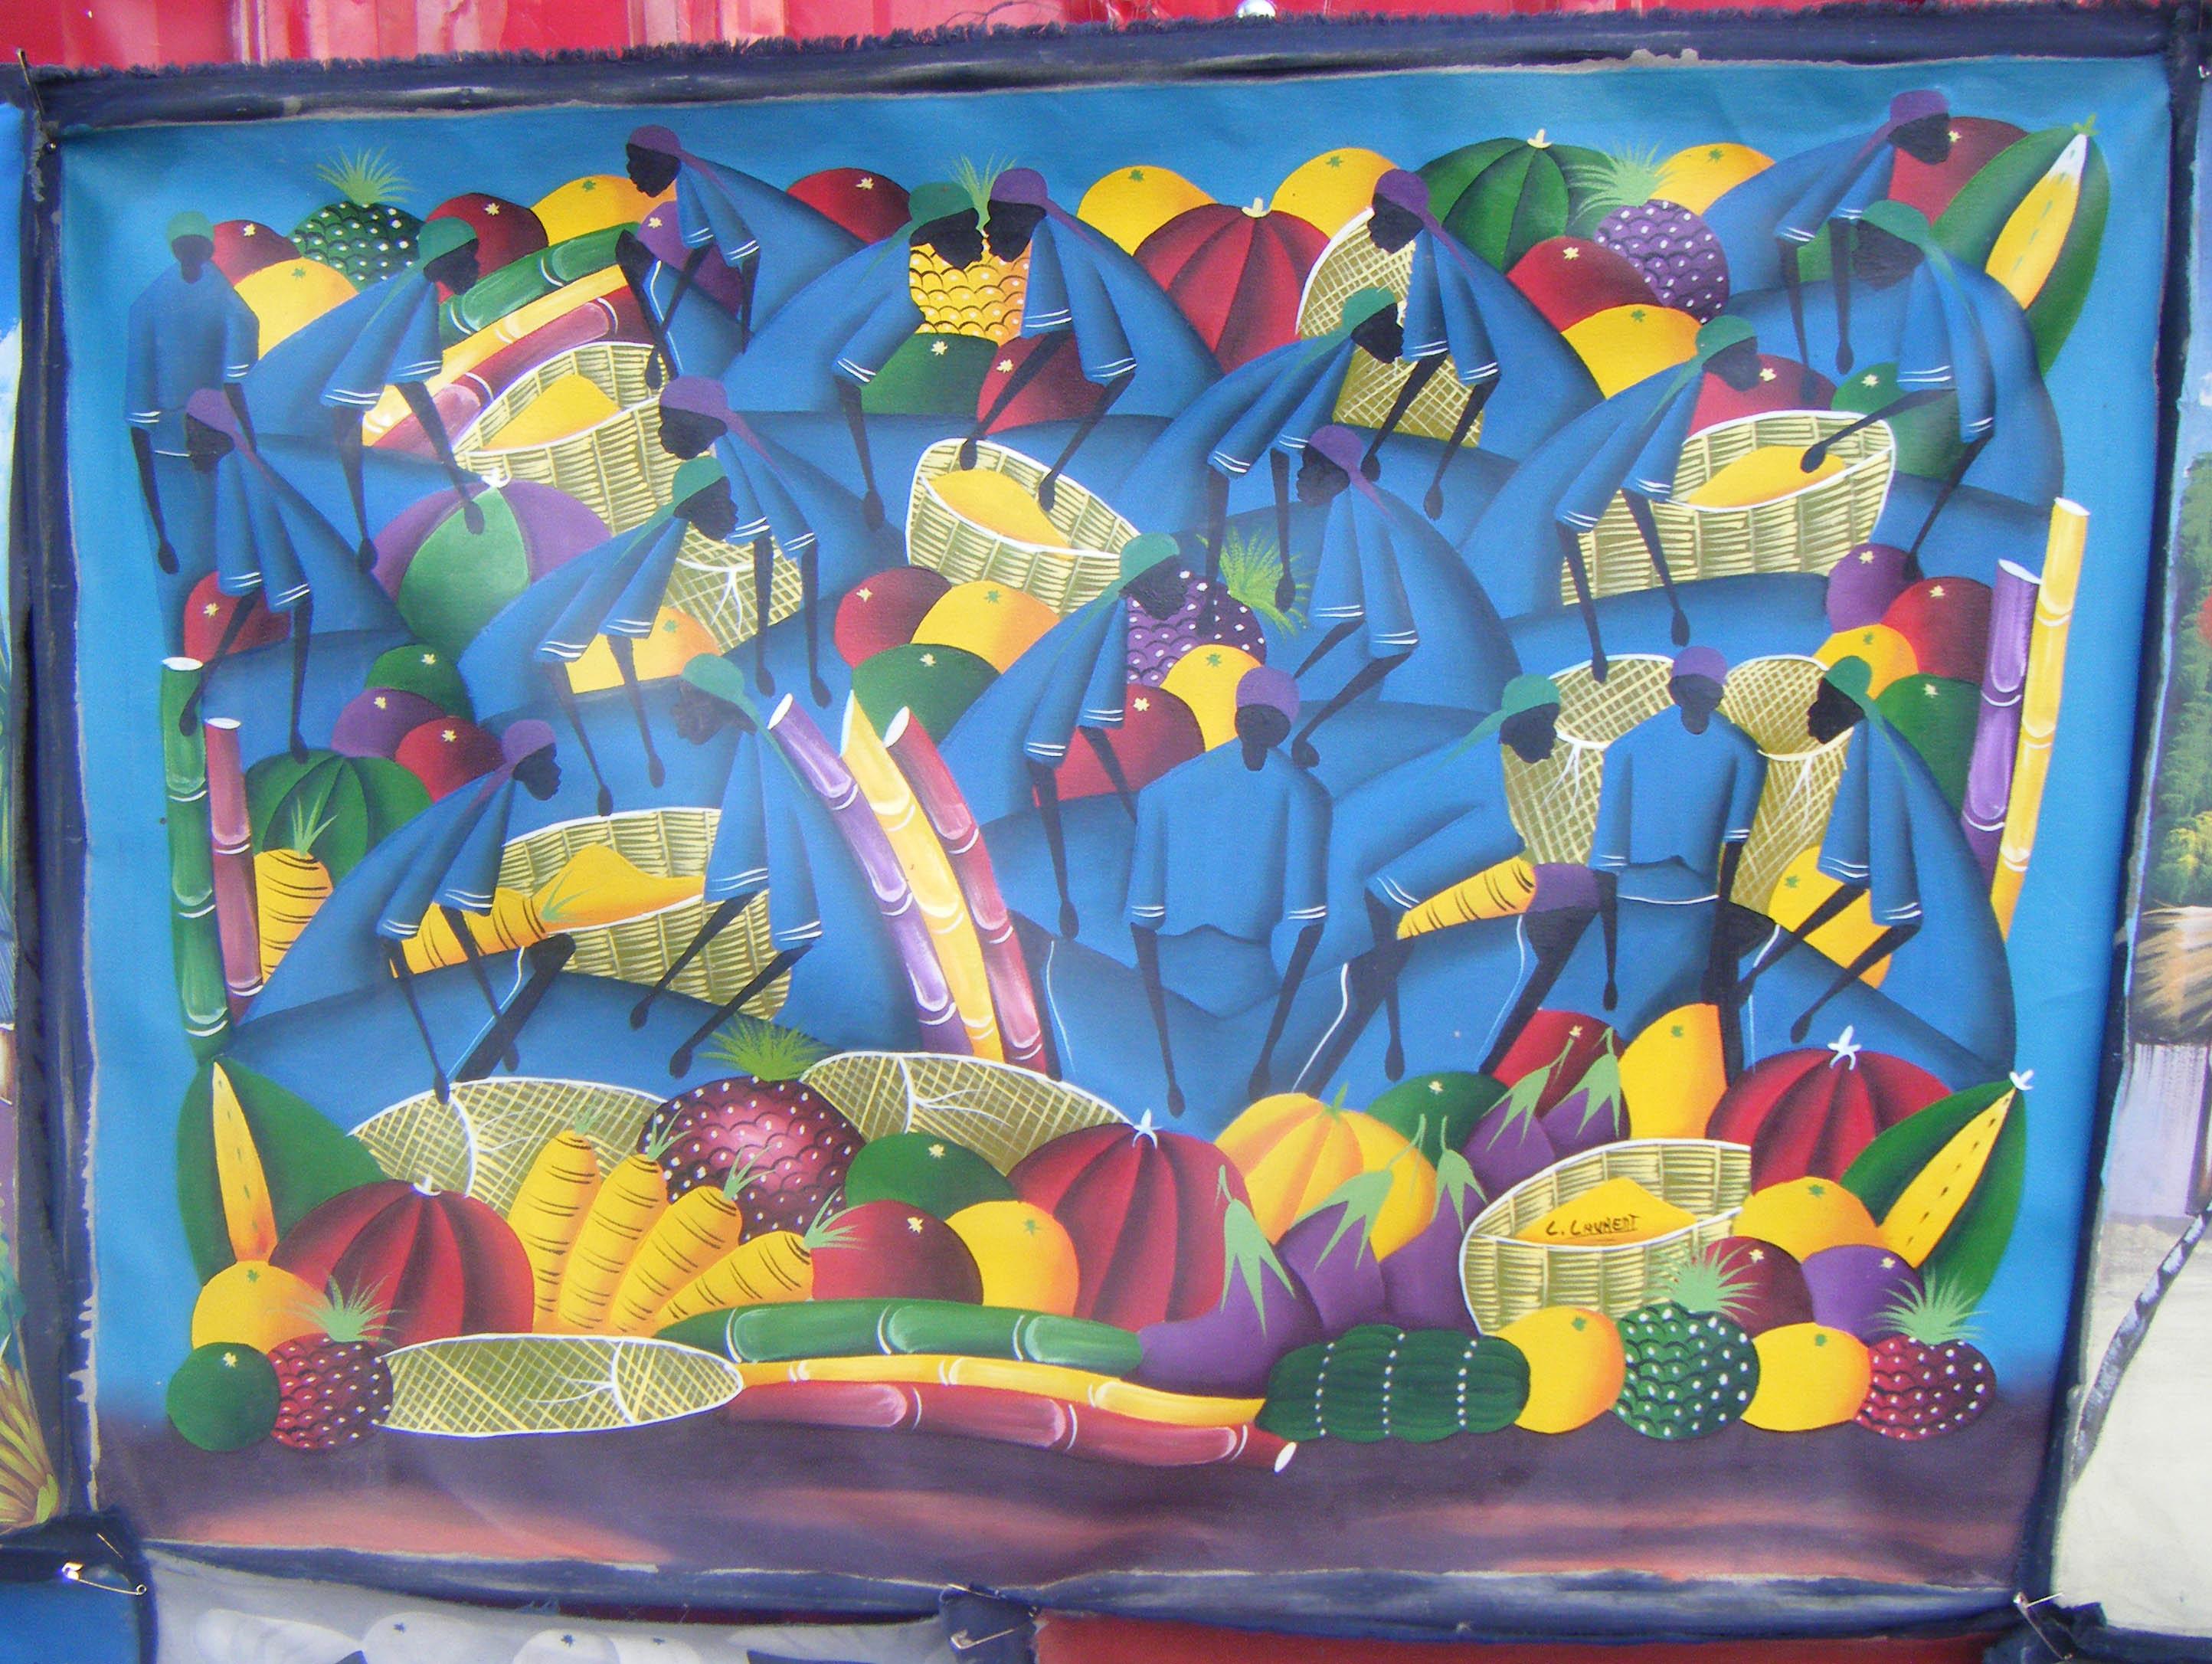 Aparador Suspenso Mercado Livre ~ Haitiano mercado original pintura handmade na lona arte